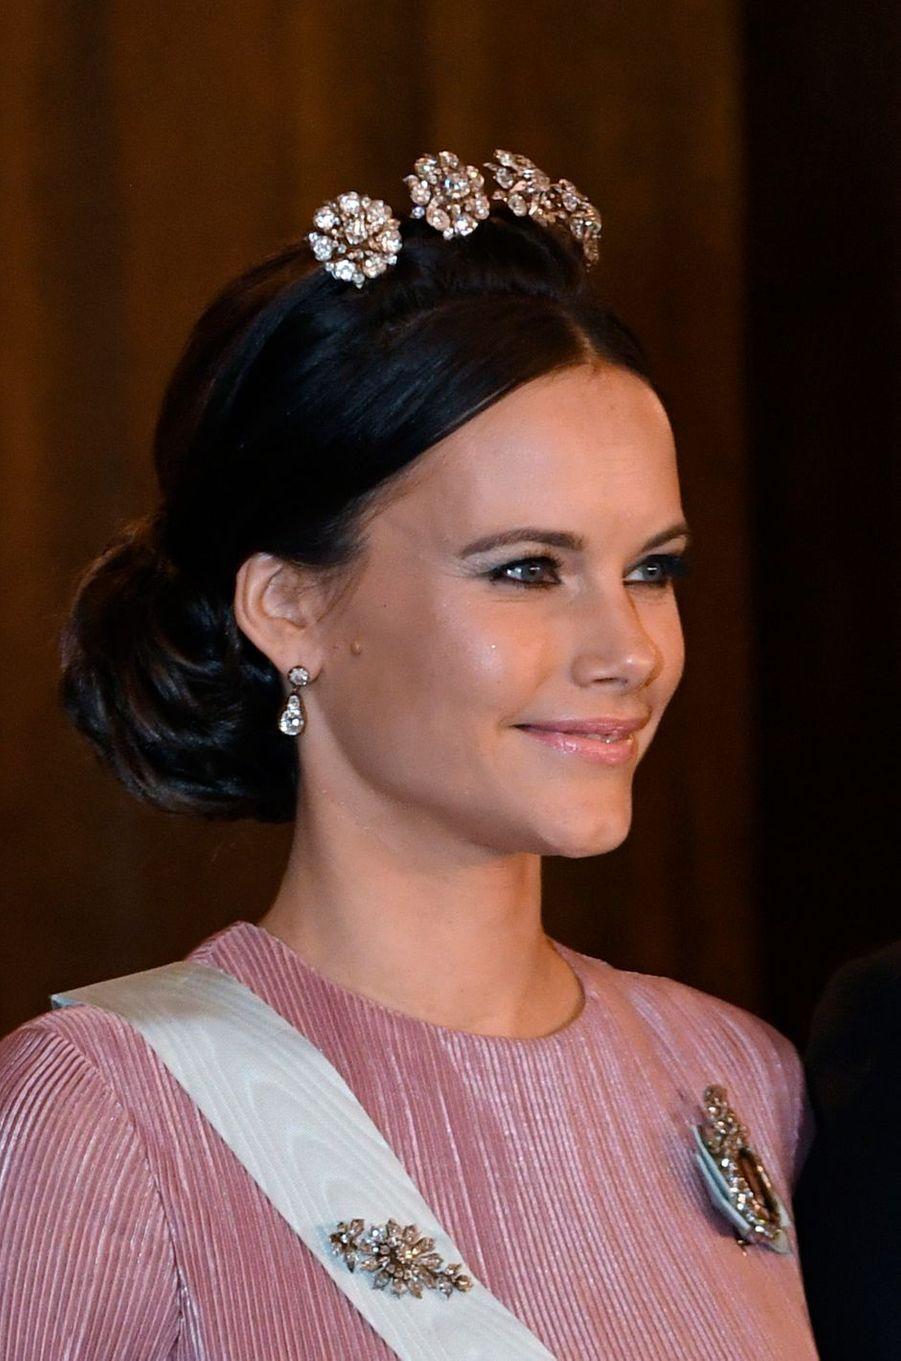 La plus radieuse - Somptueuses pour le banquet des Nobel la veille, les princesses Victoria, Madeleine et Sofia de Suède étaient à nouveau très en beauté ce dimanche 11 décembre pour le dîner au Palais royal.